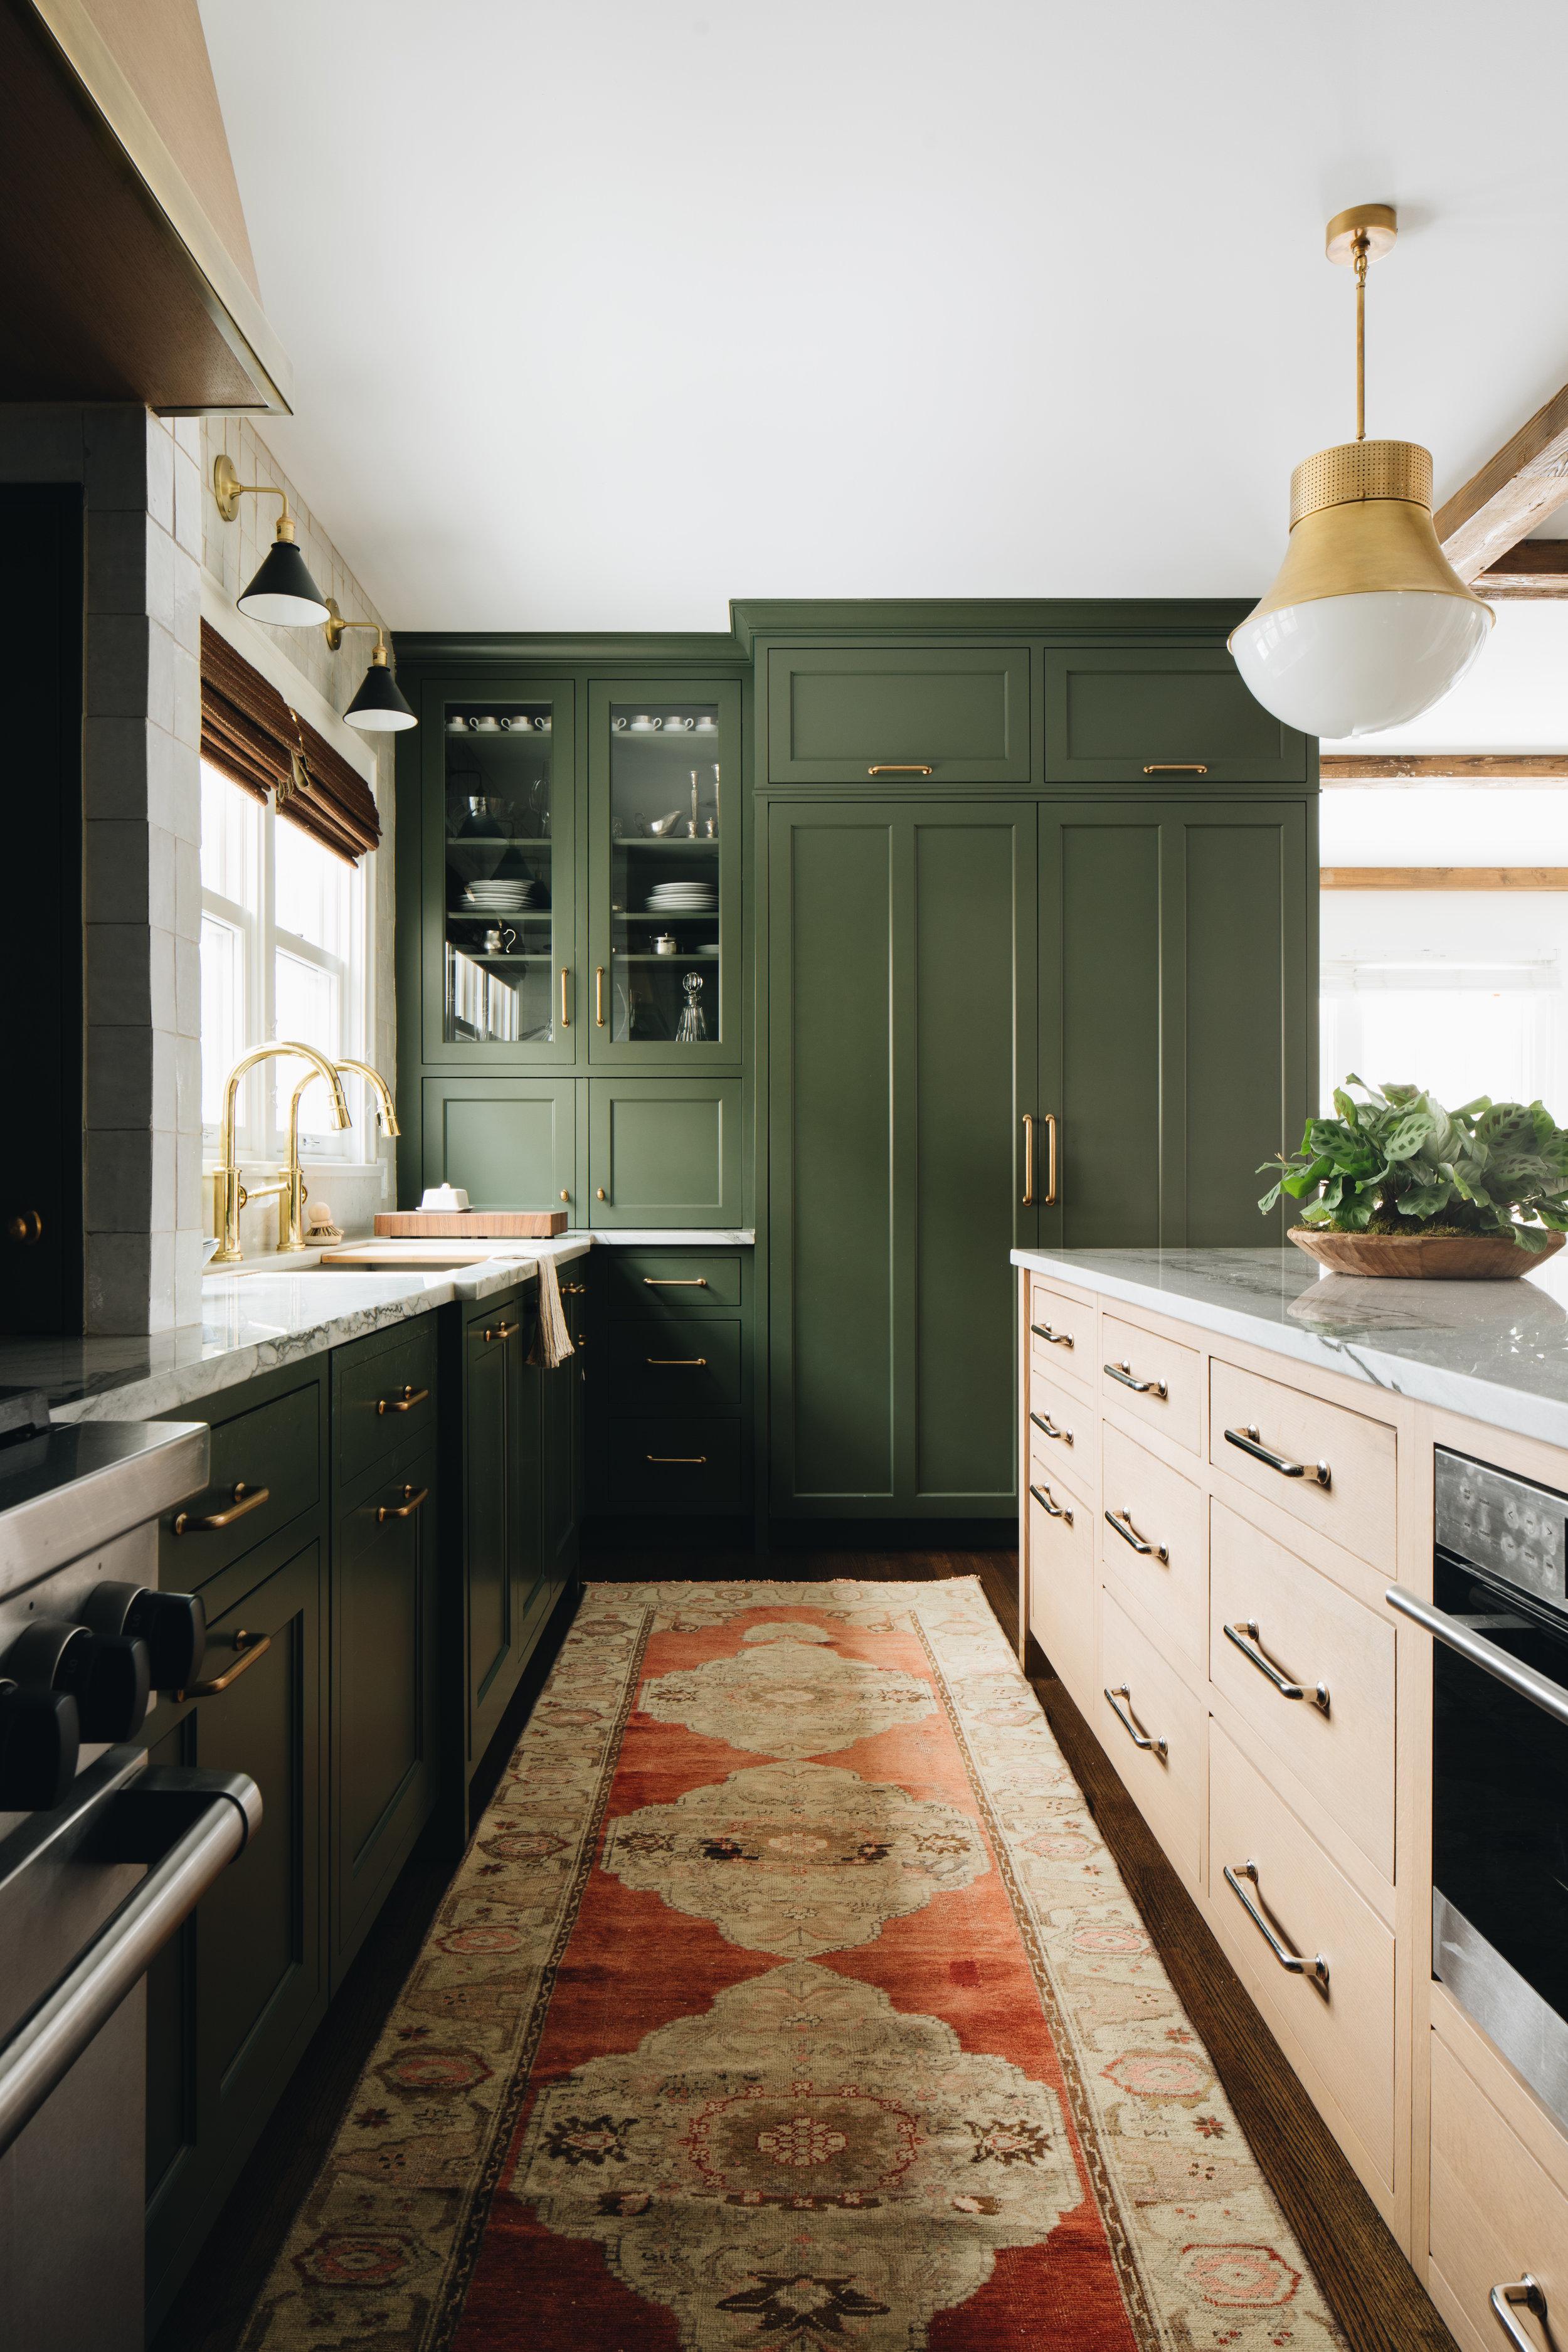 Design Trend: Green Kitchen Cabinets